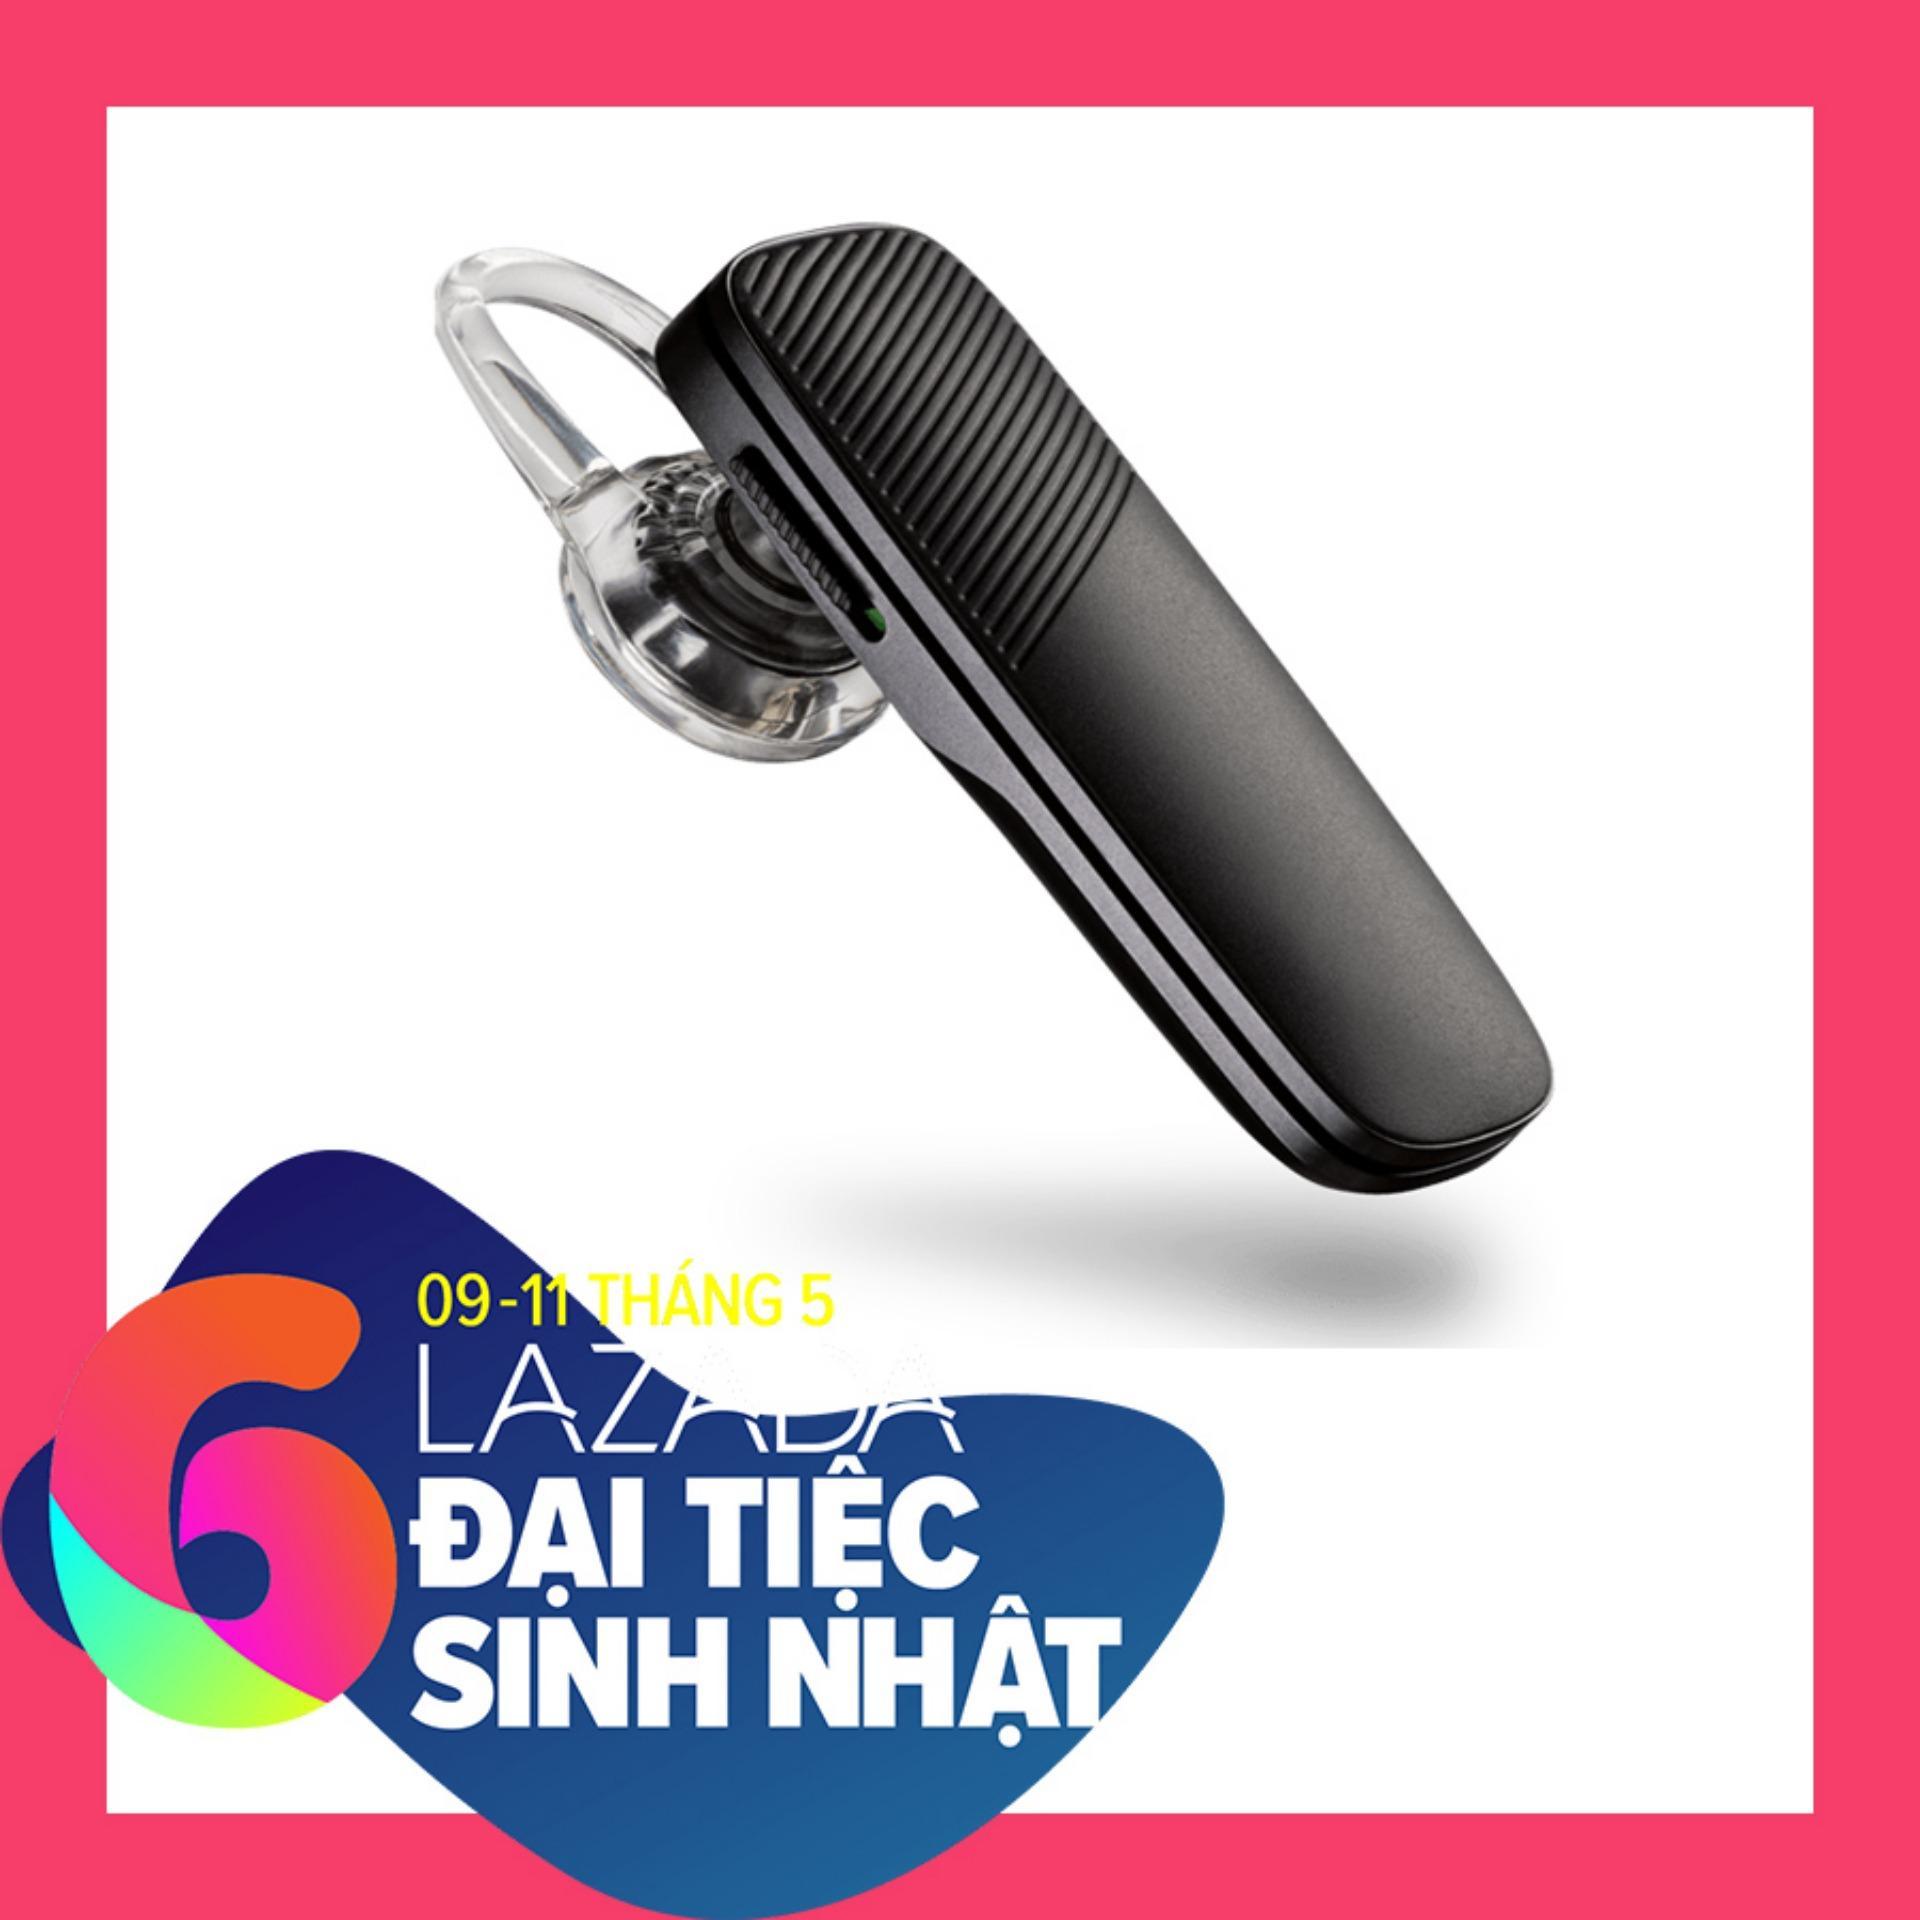 Bán Tai Nghe Bluetooth Plantronics Explorer 500 Xam Nhập Khẩu